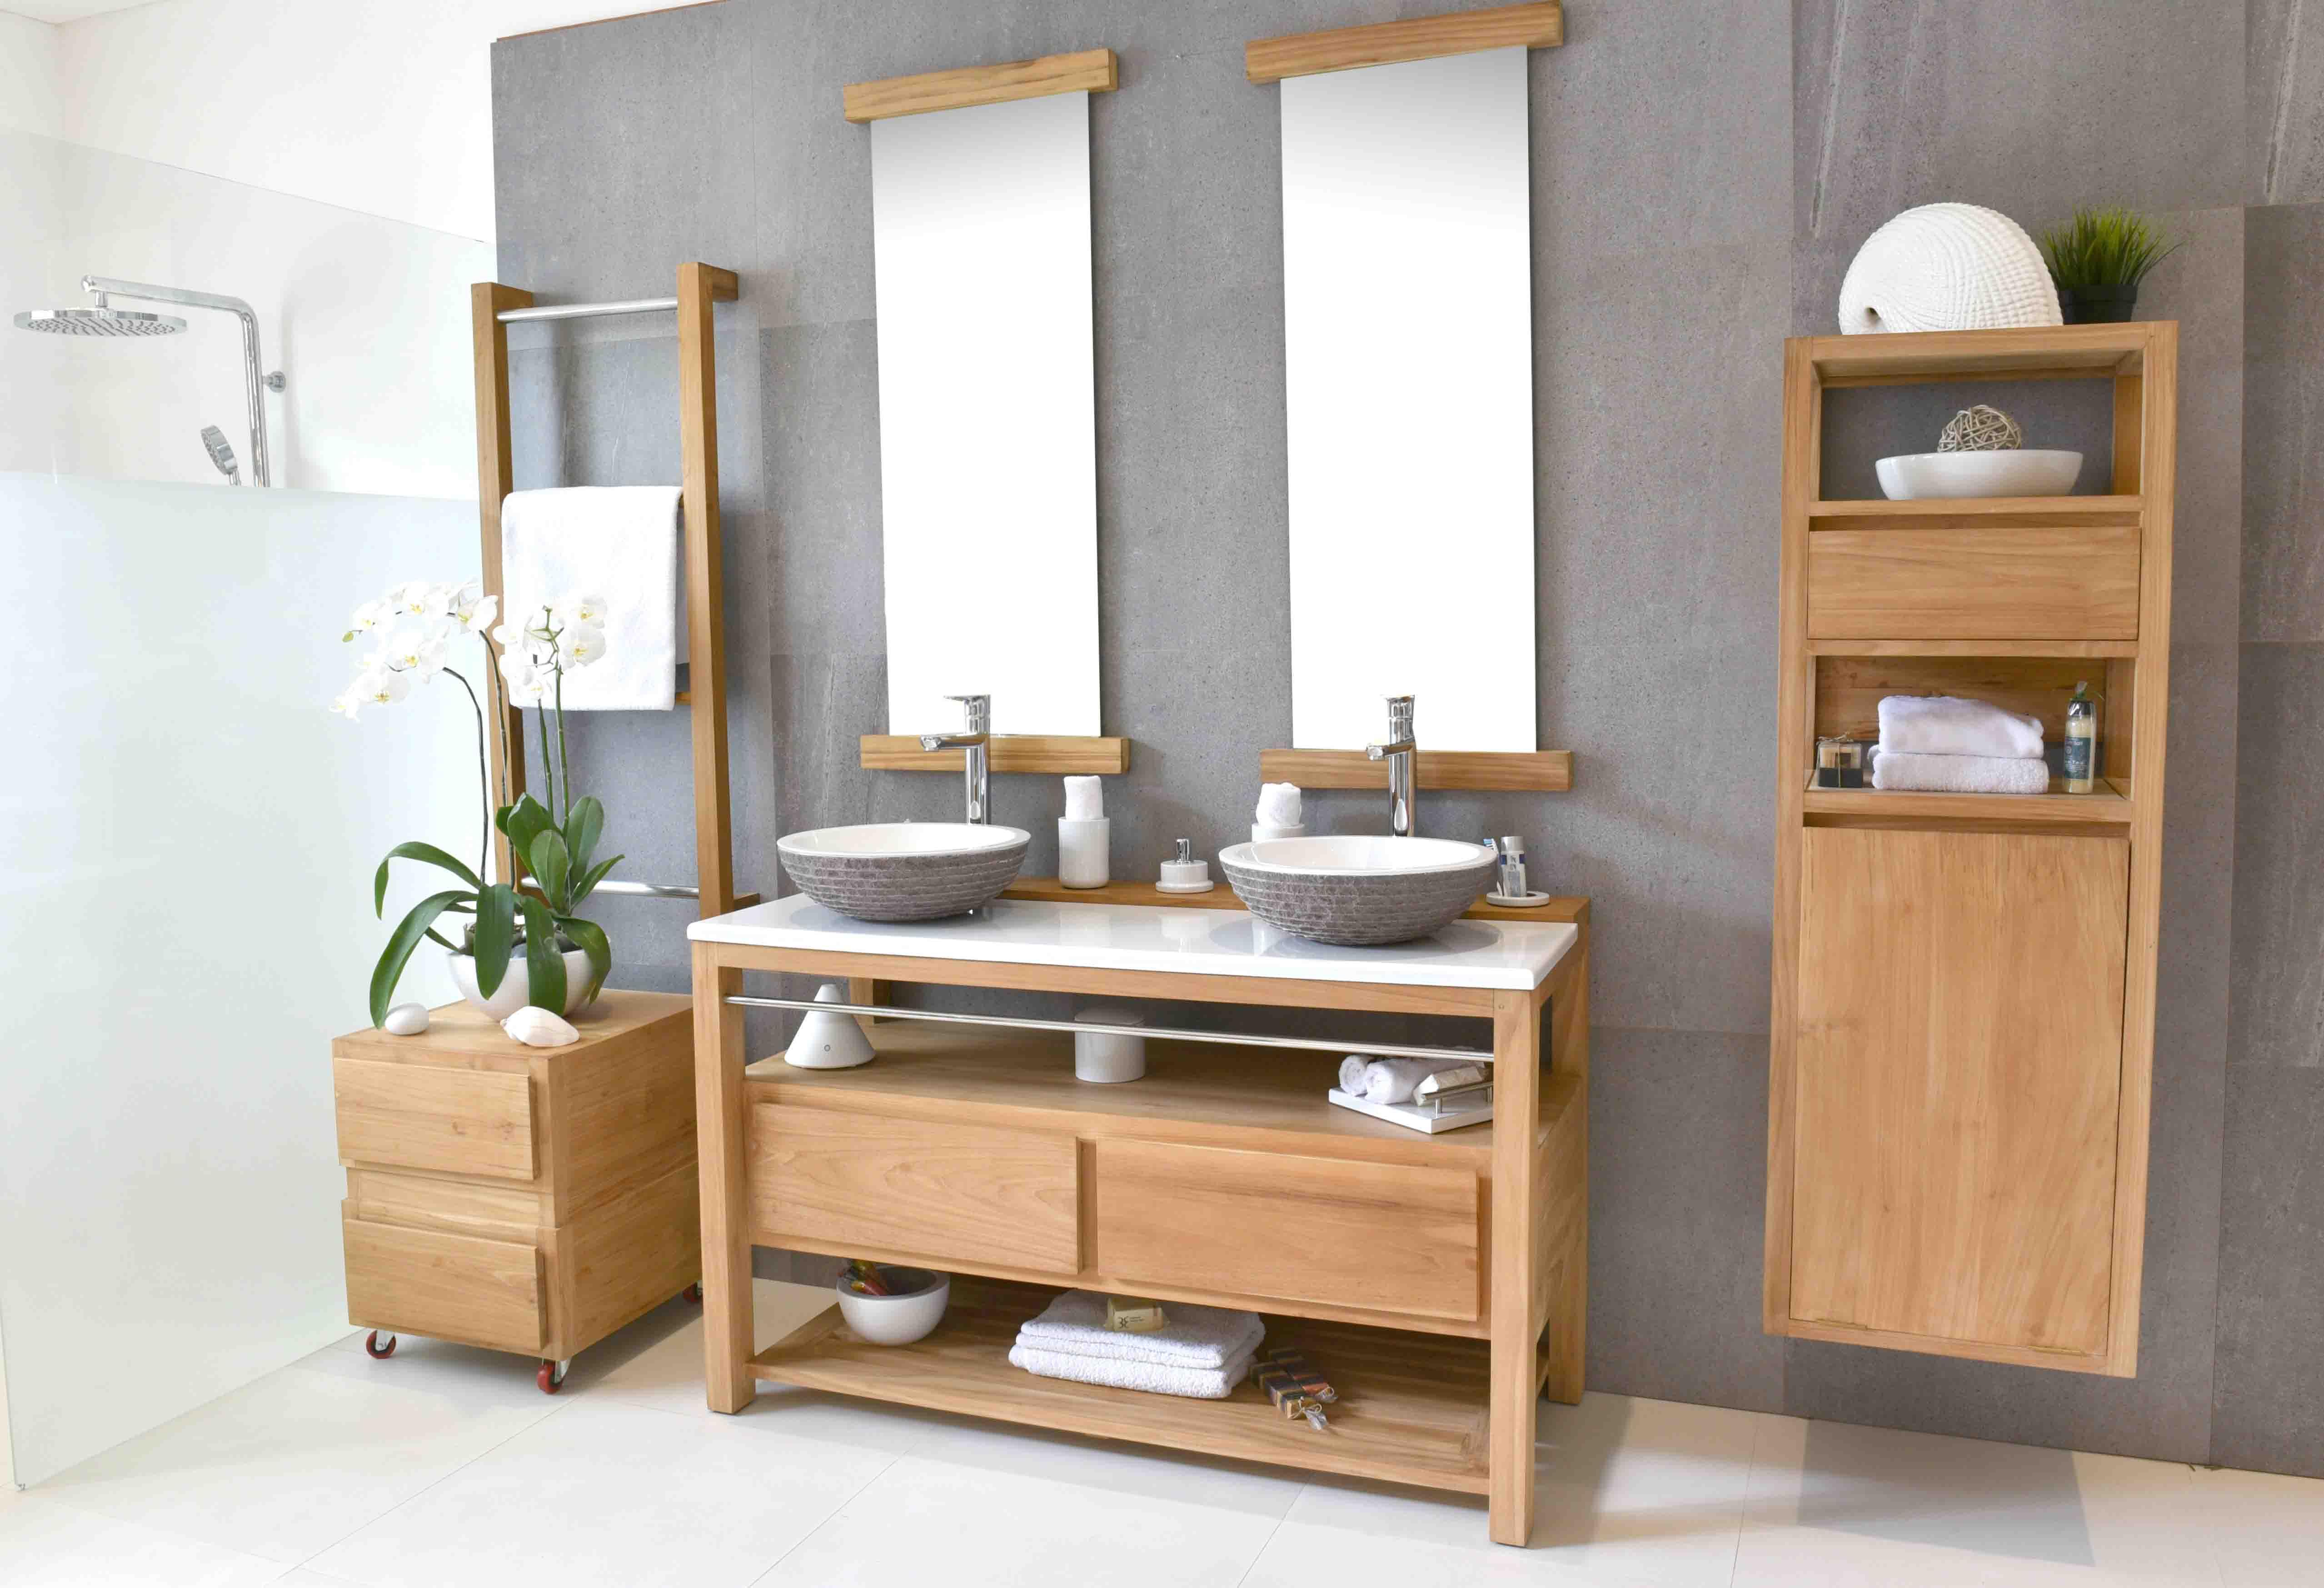 Tara-de-face-double-sink-white-furniture-modern-innovant-bois-teak-nature-couleur-lave-volcan-émaille-céramique-France-Luxe